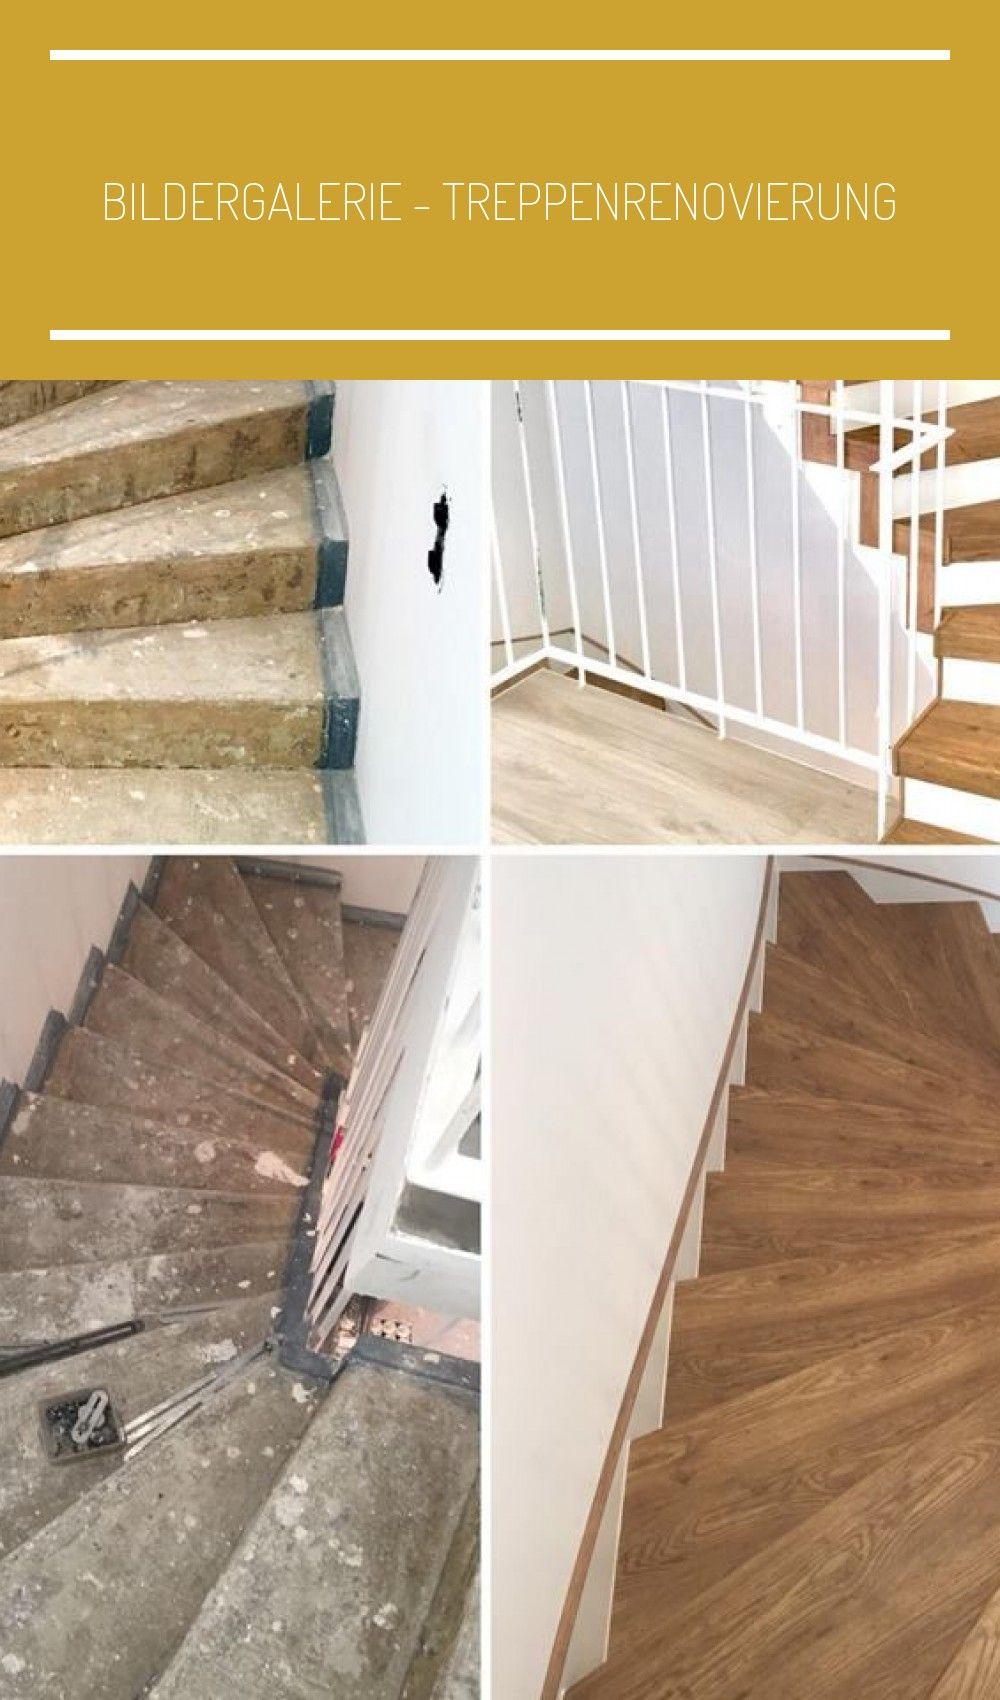 Bildergalerie Treppenrenovie In 2020 Stairs Polyurethanes